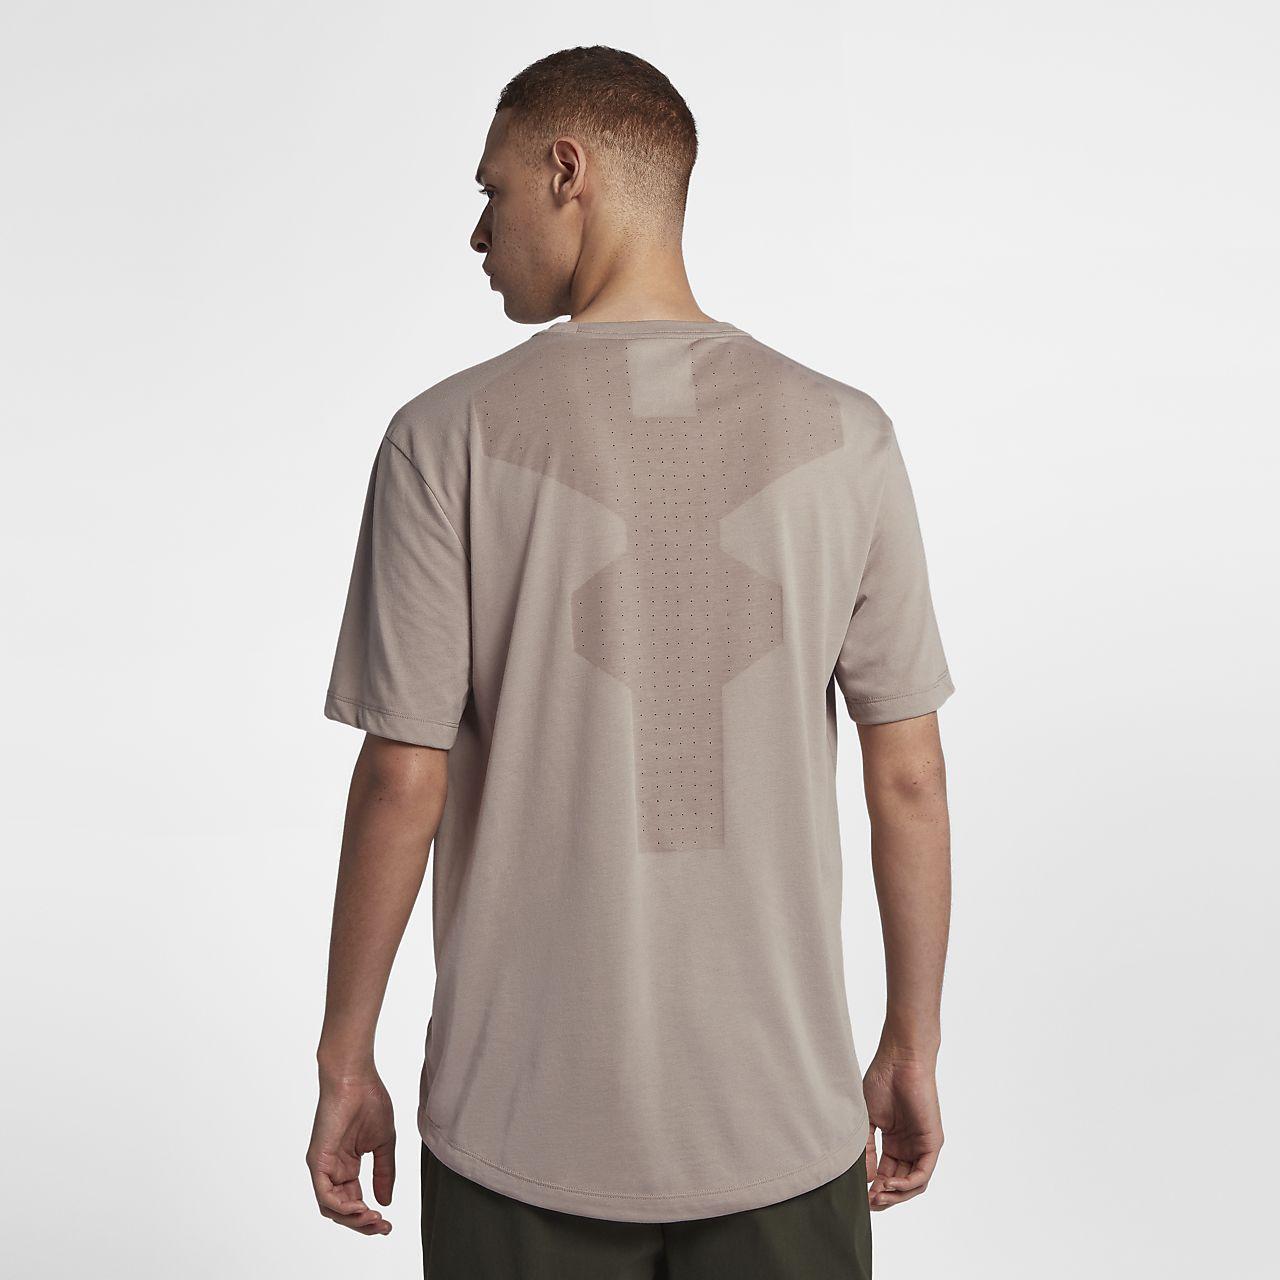 Nike Sportswear Tech Pack rövid ujjú felső. Nike.com HU 813ed0cf32